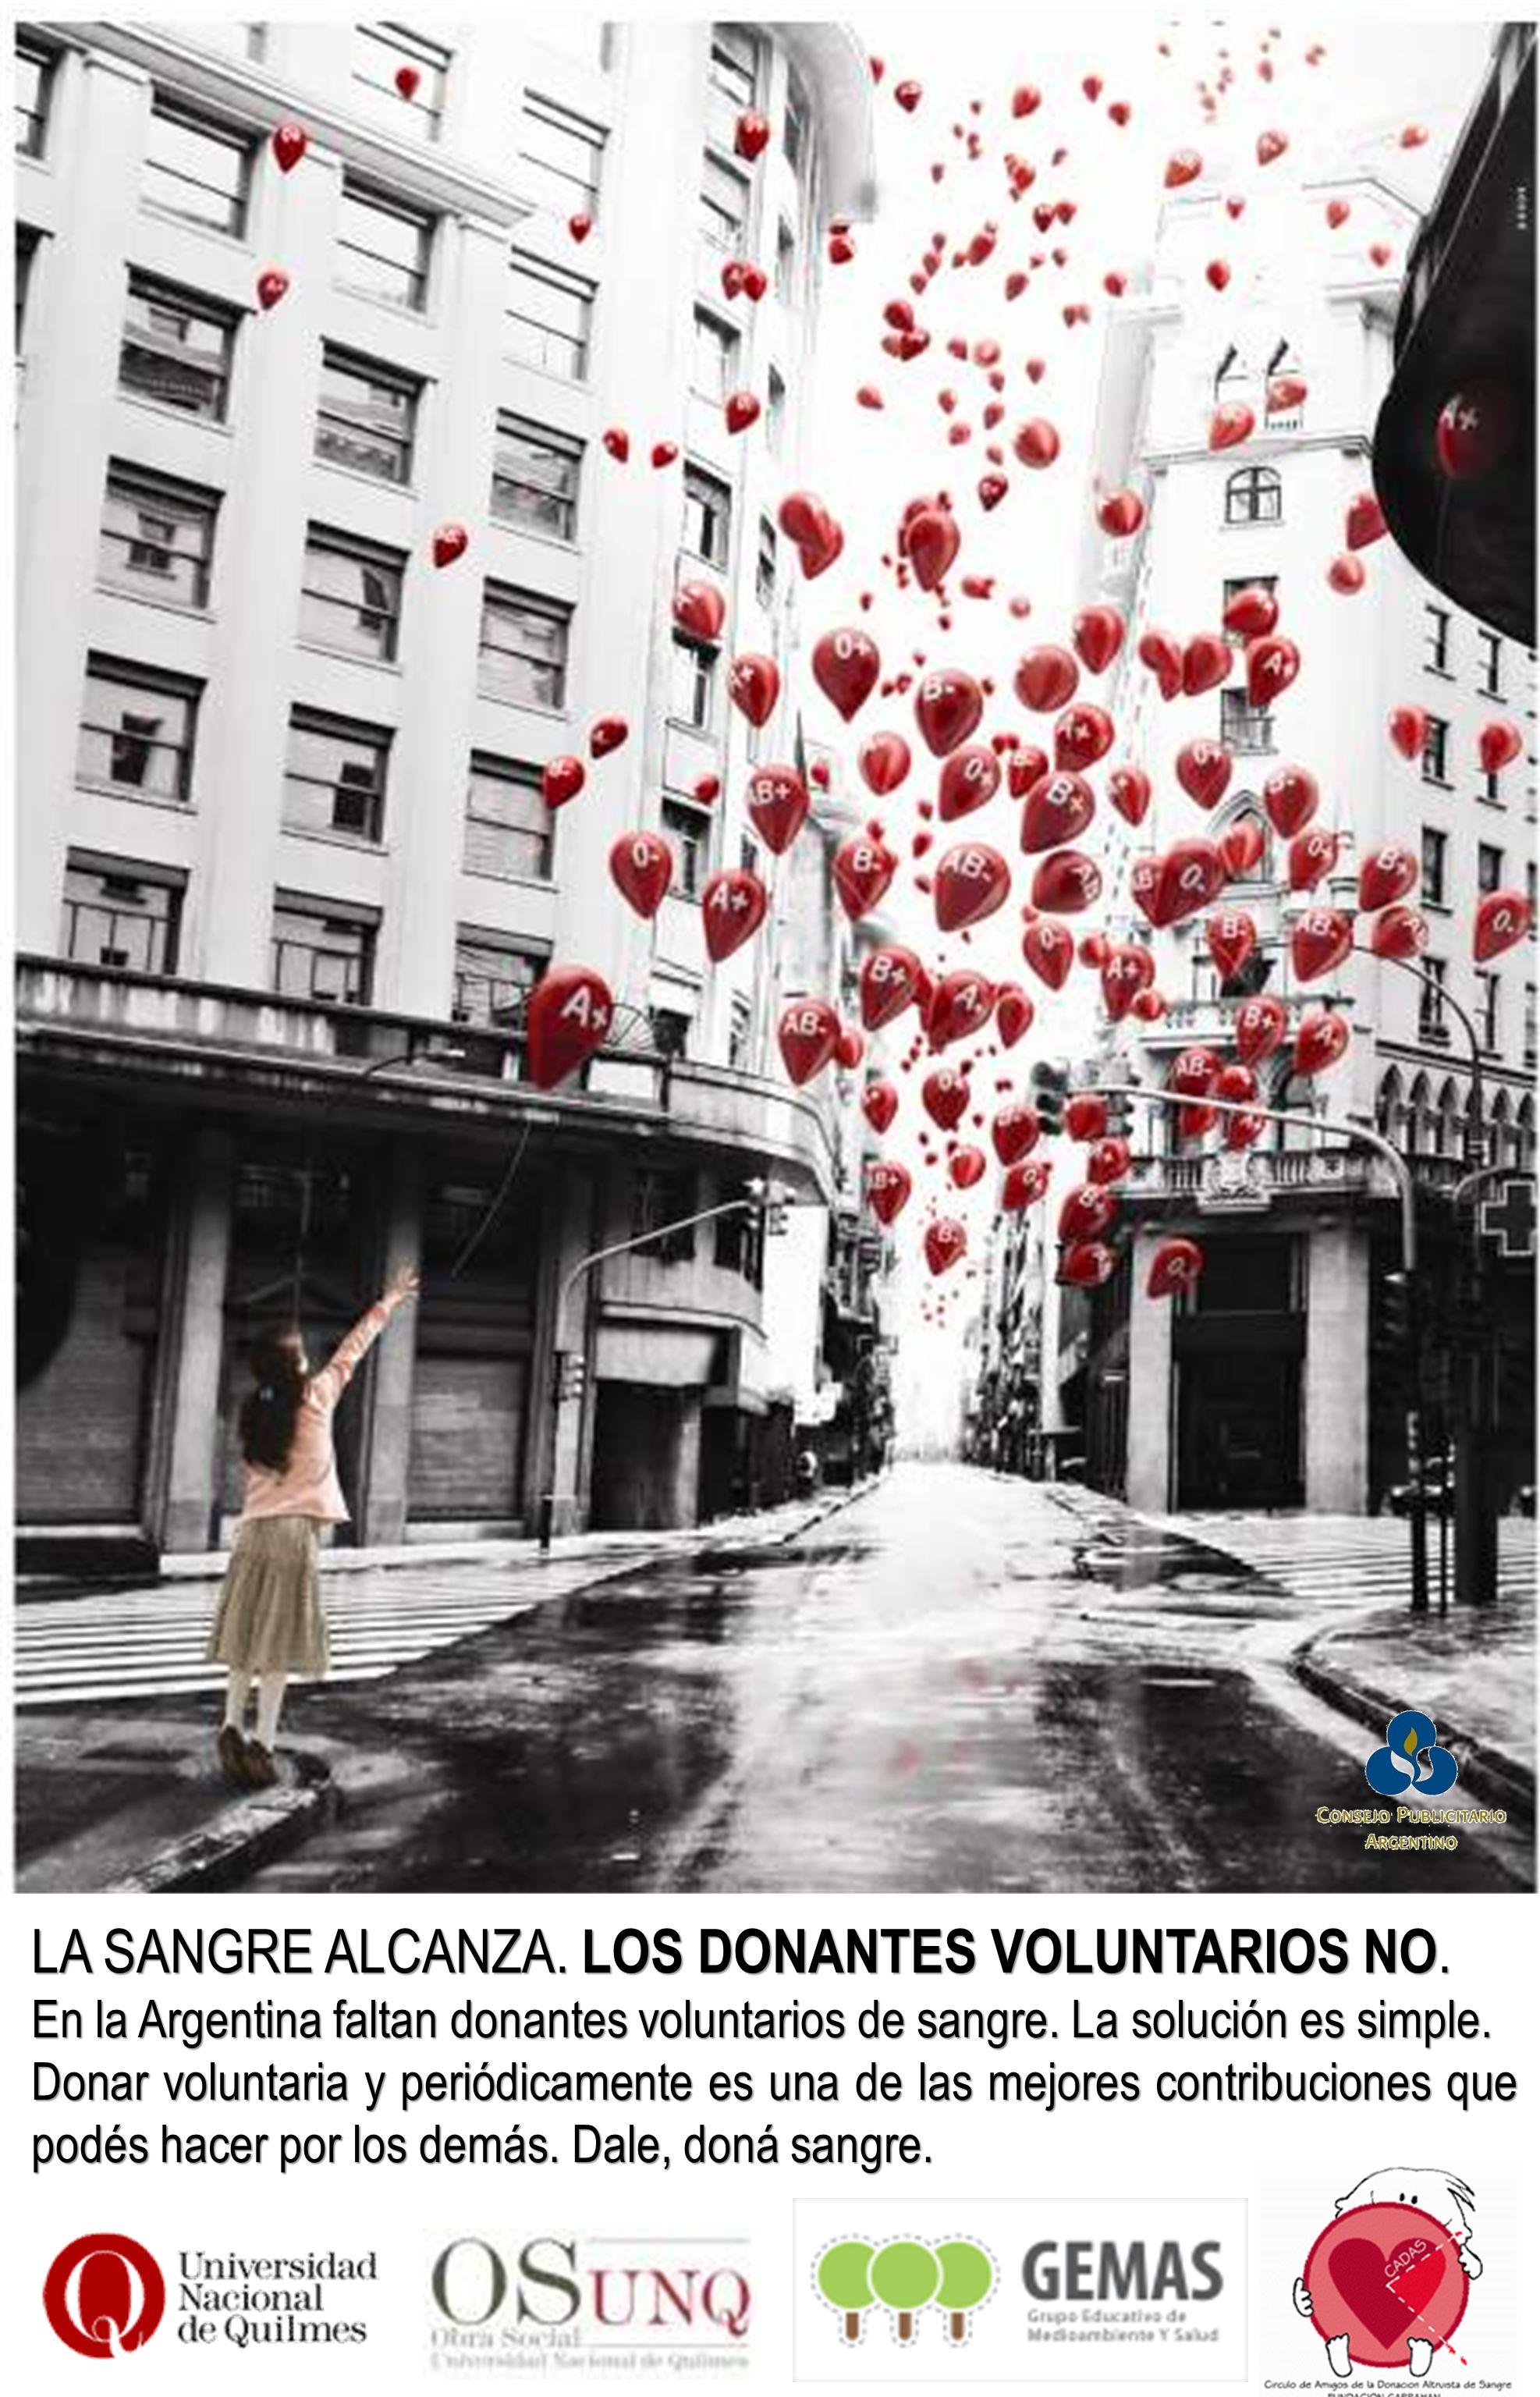 LA SANGRE ALCANZA. LOS DONANTES VOLUNTARIOS NO.